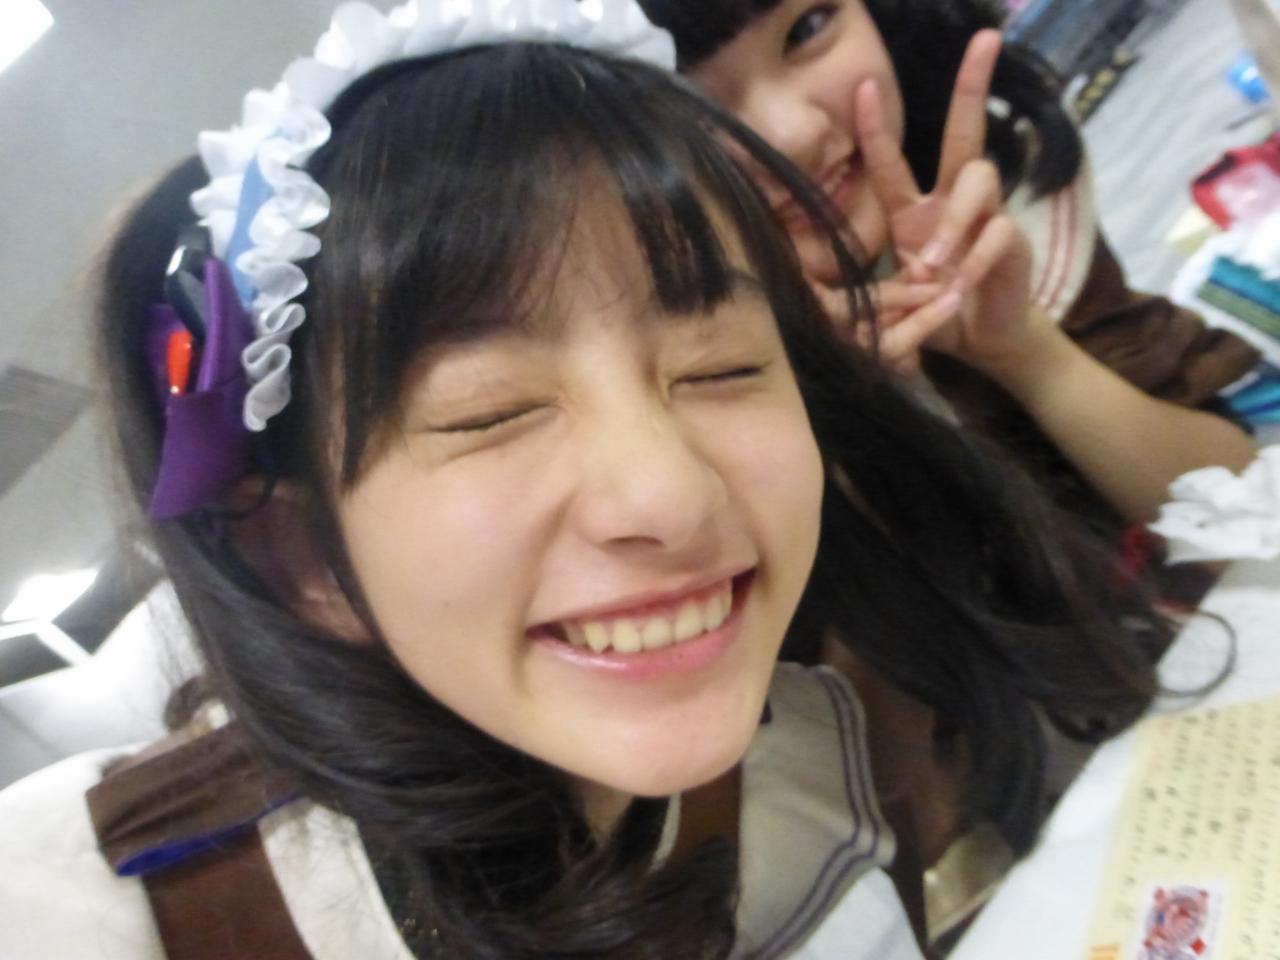 カメラの前に割り込んだくせに目をつぶるちゃん瀬田。ねらい??(さくら/理子)